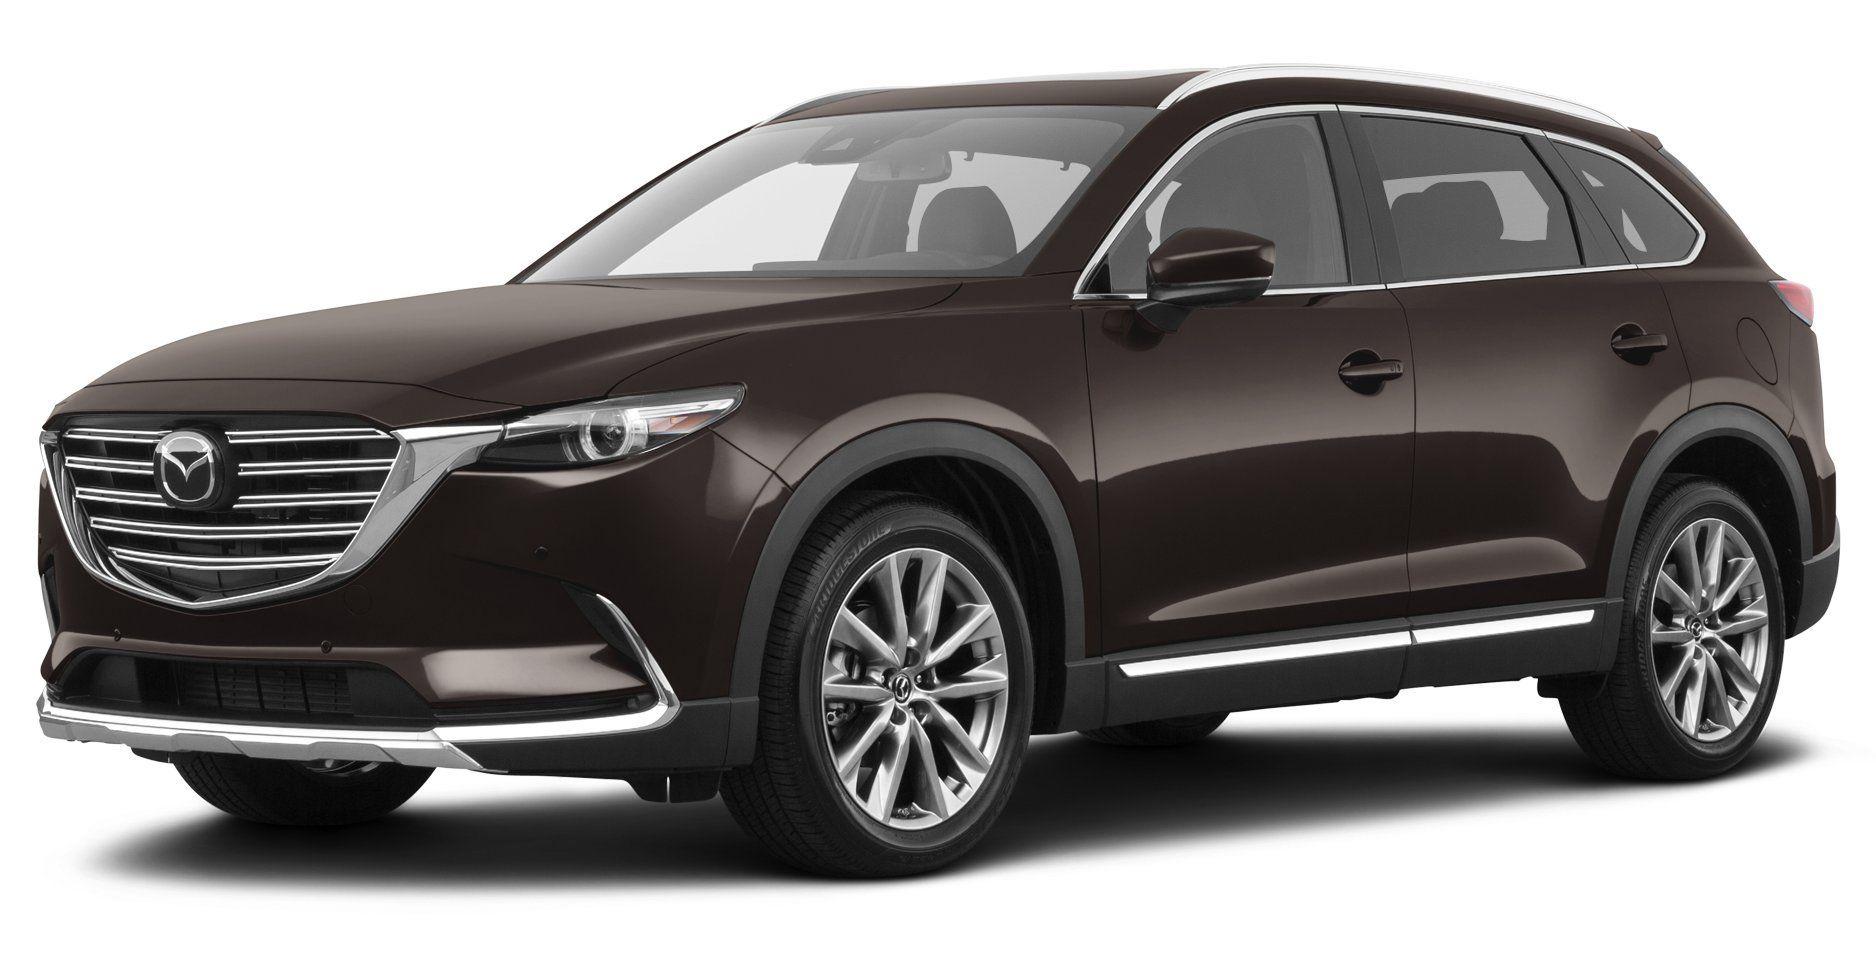 2018 Mazda Cx 9 Grand Touring All Wheel Drive Mazda Cx 9 Mazda